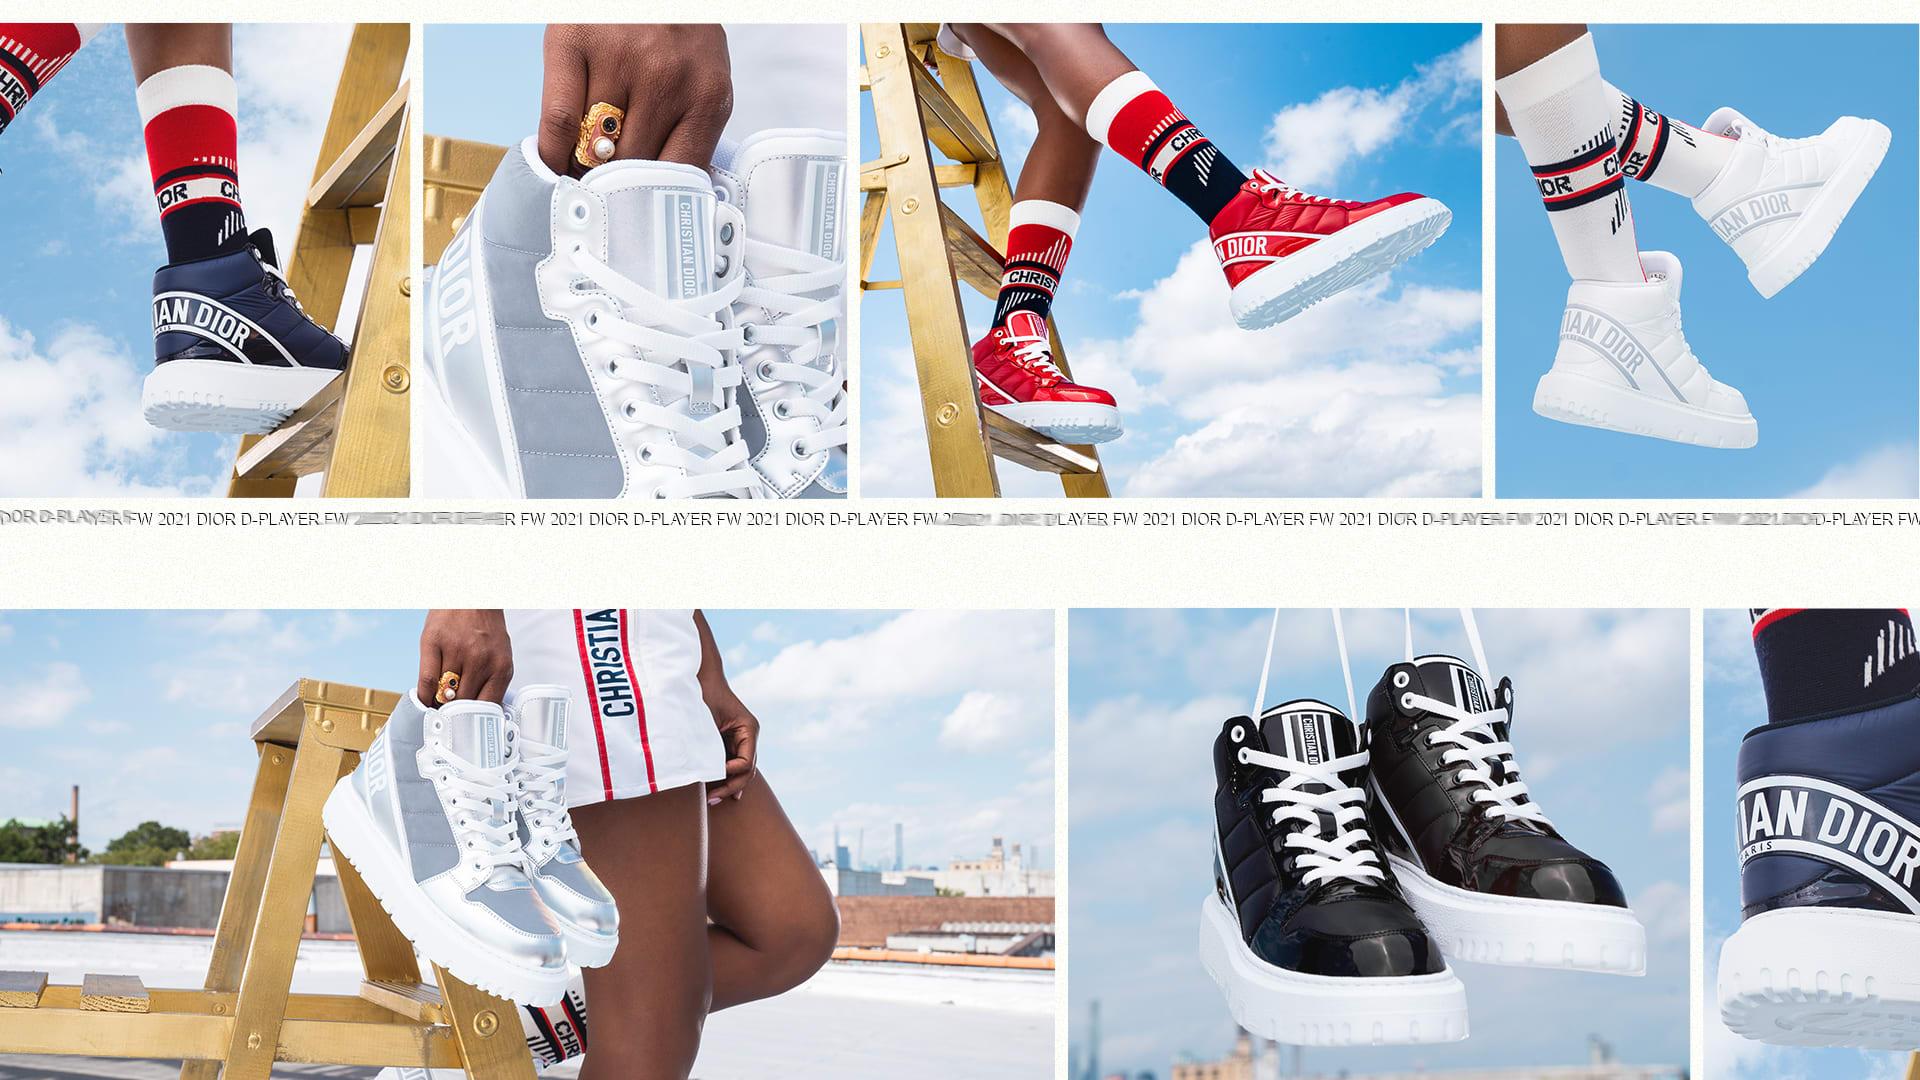 Dior DPlayer Sneakers Colorways